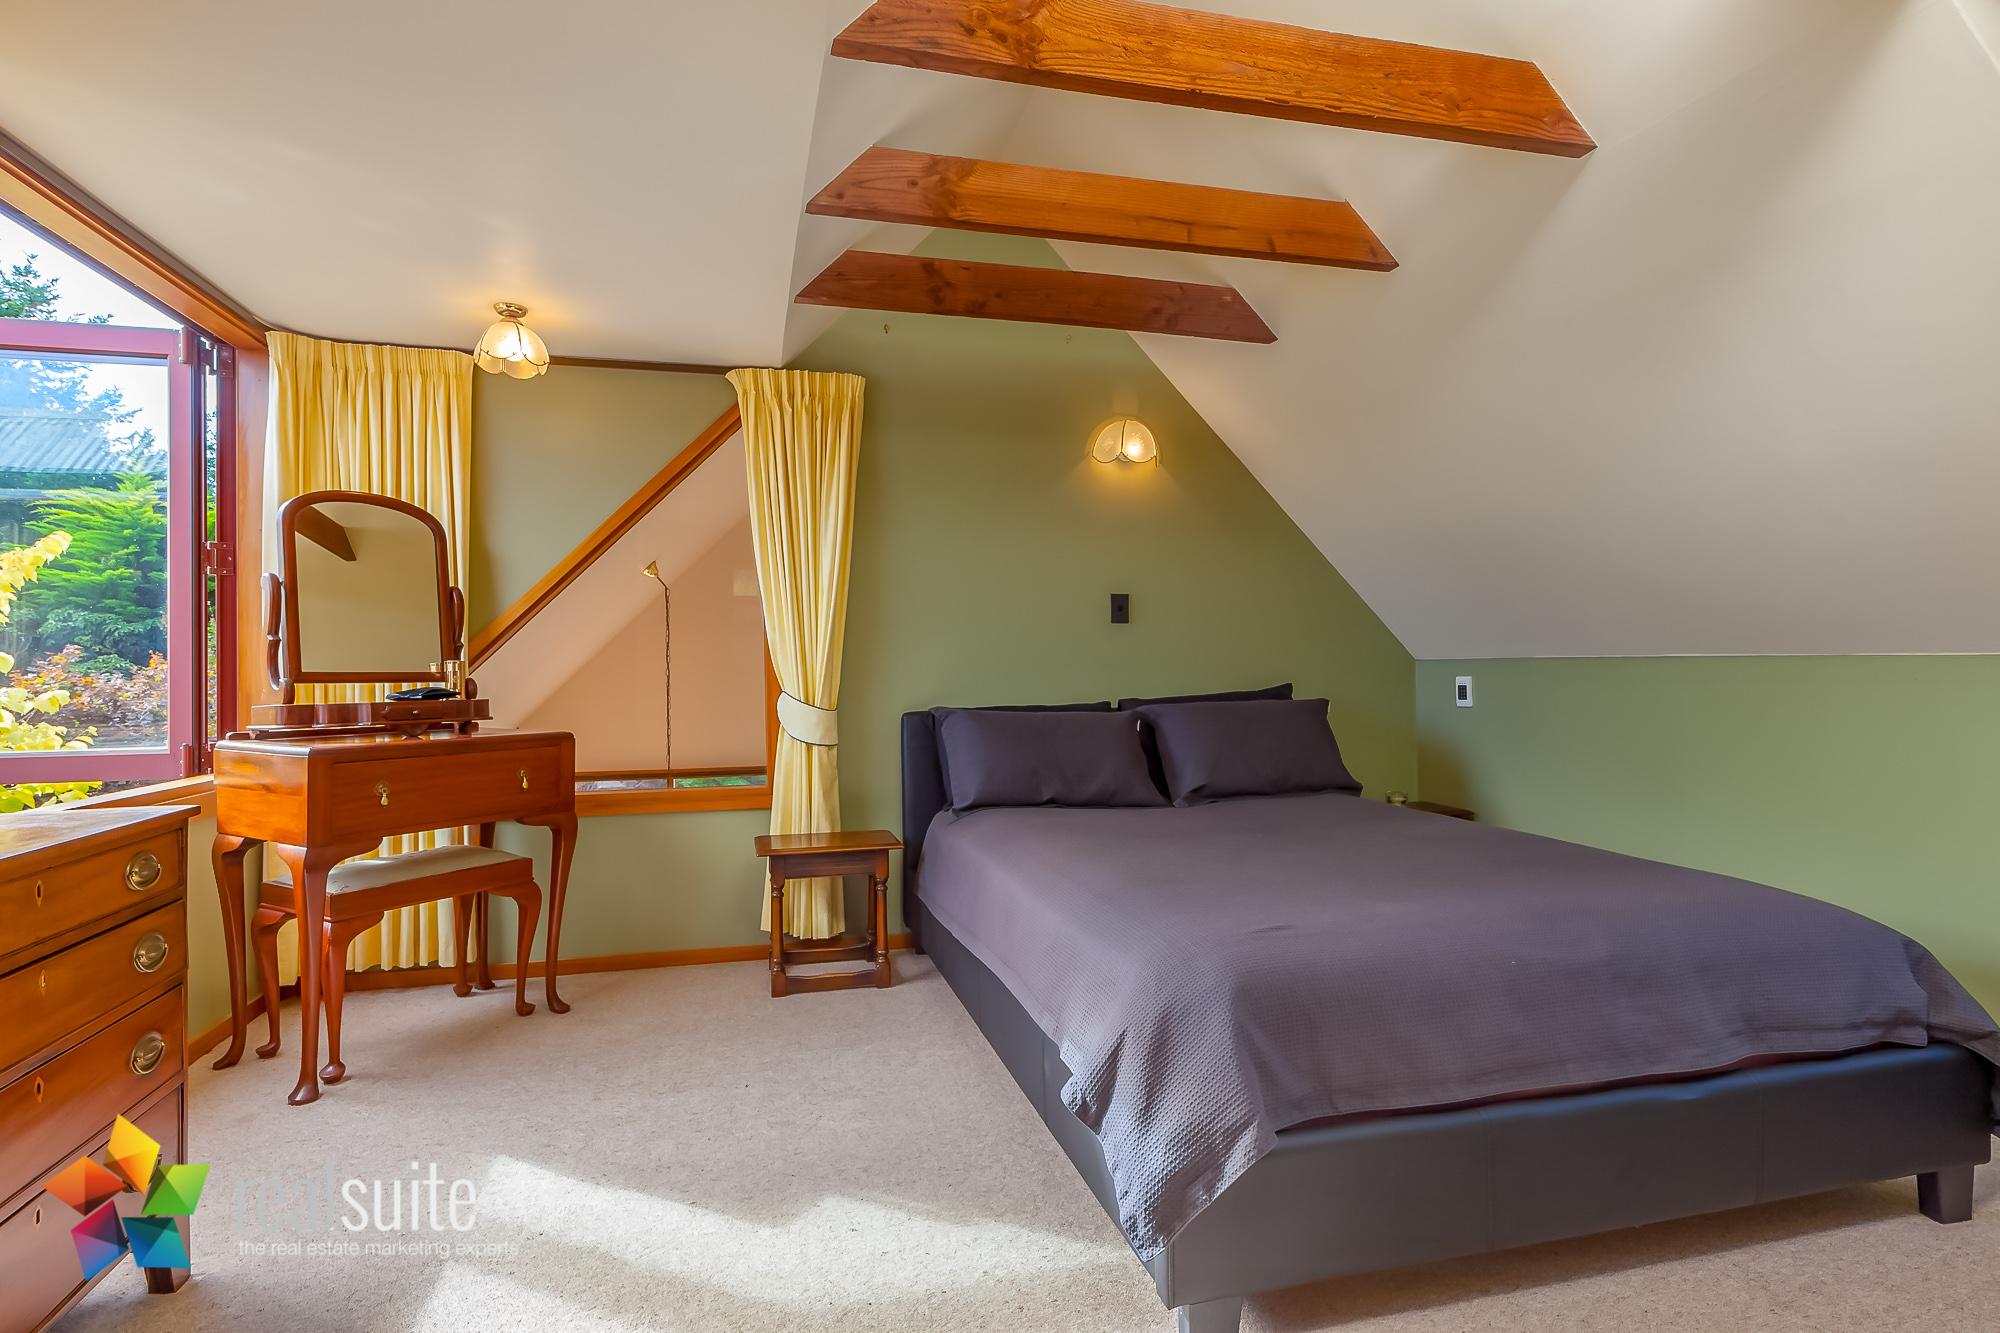 Realsuite Bedrooms (54)